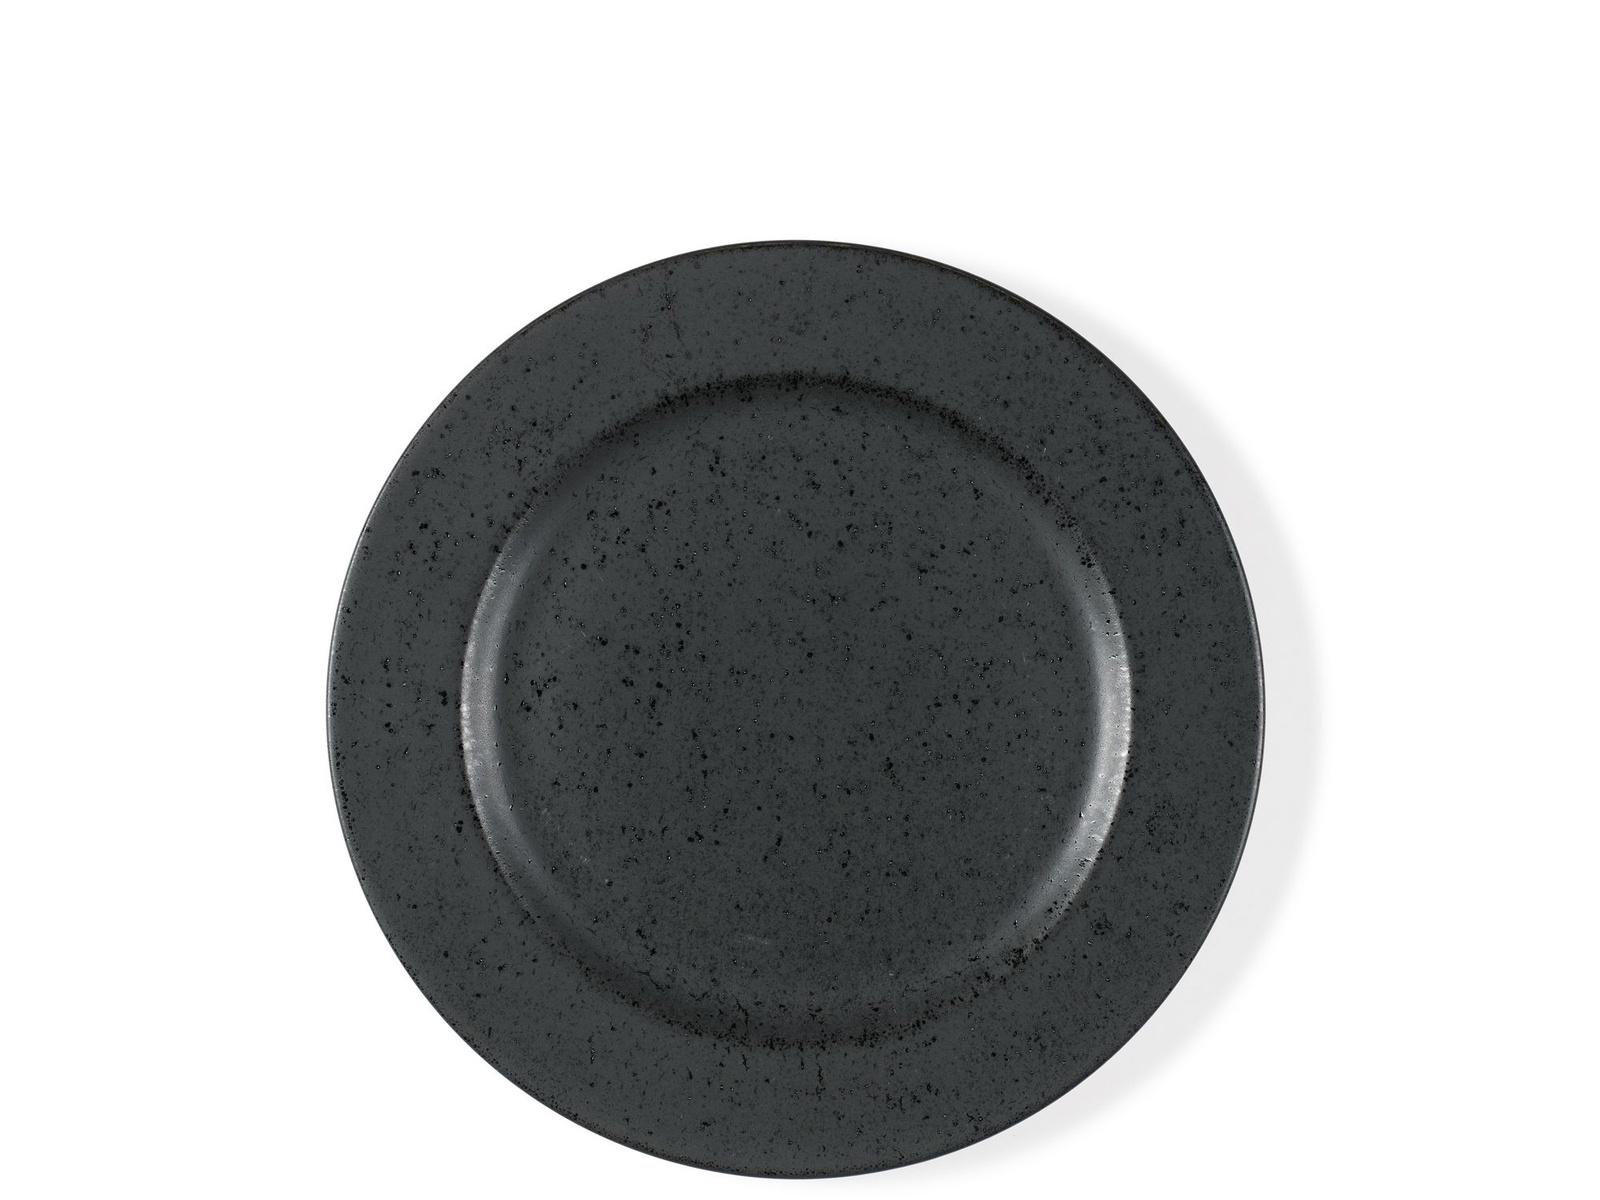 Десертная тарелка Bitz, цвет: черный. Диаметр 22,5 см. BT821078 тарелка десертная ломоносовская керамика диаметр 21 см